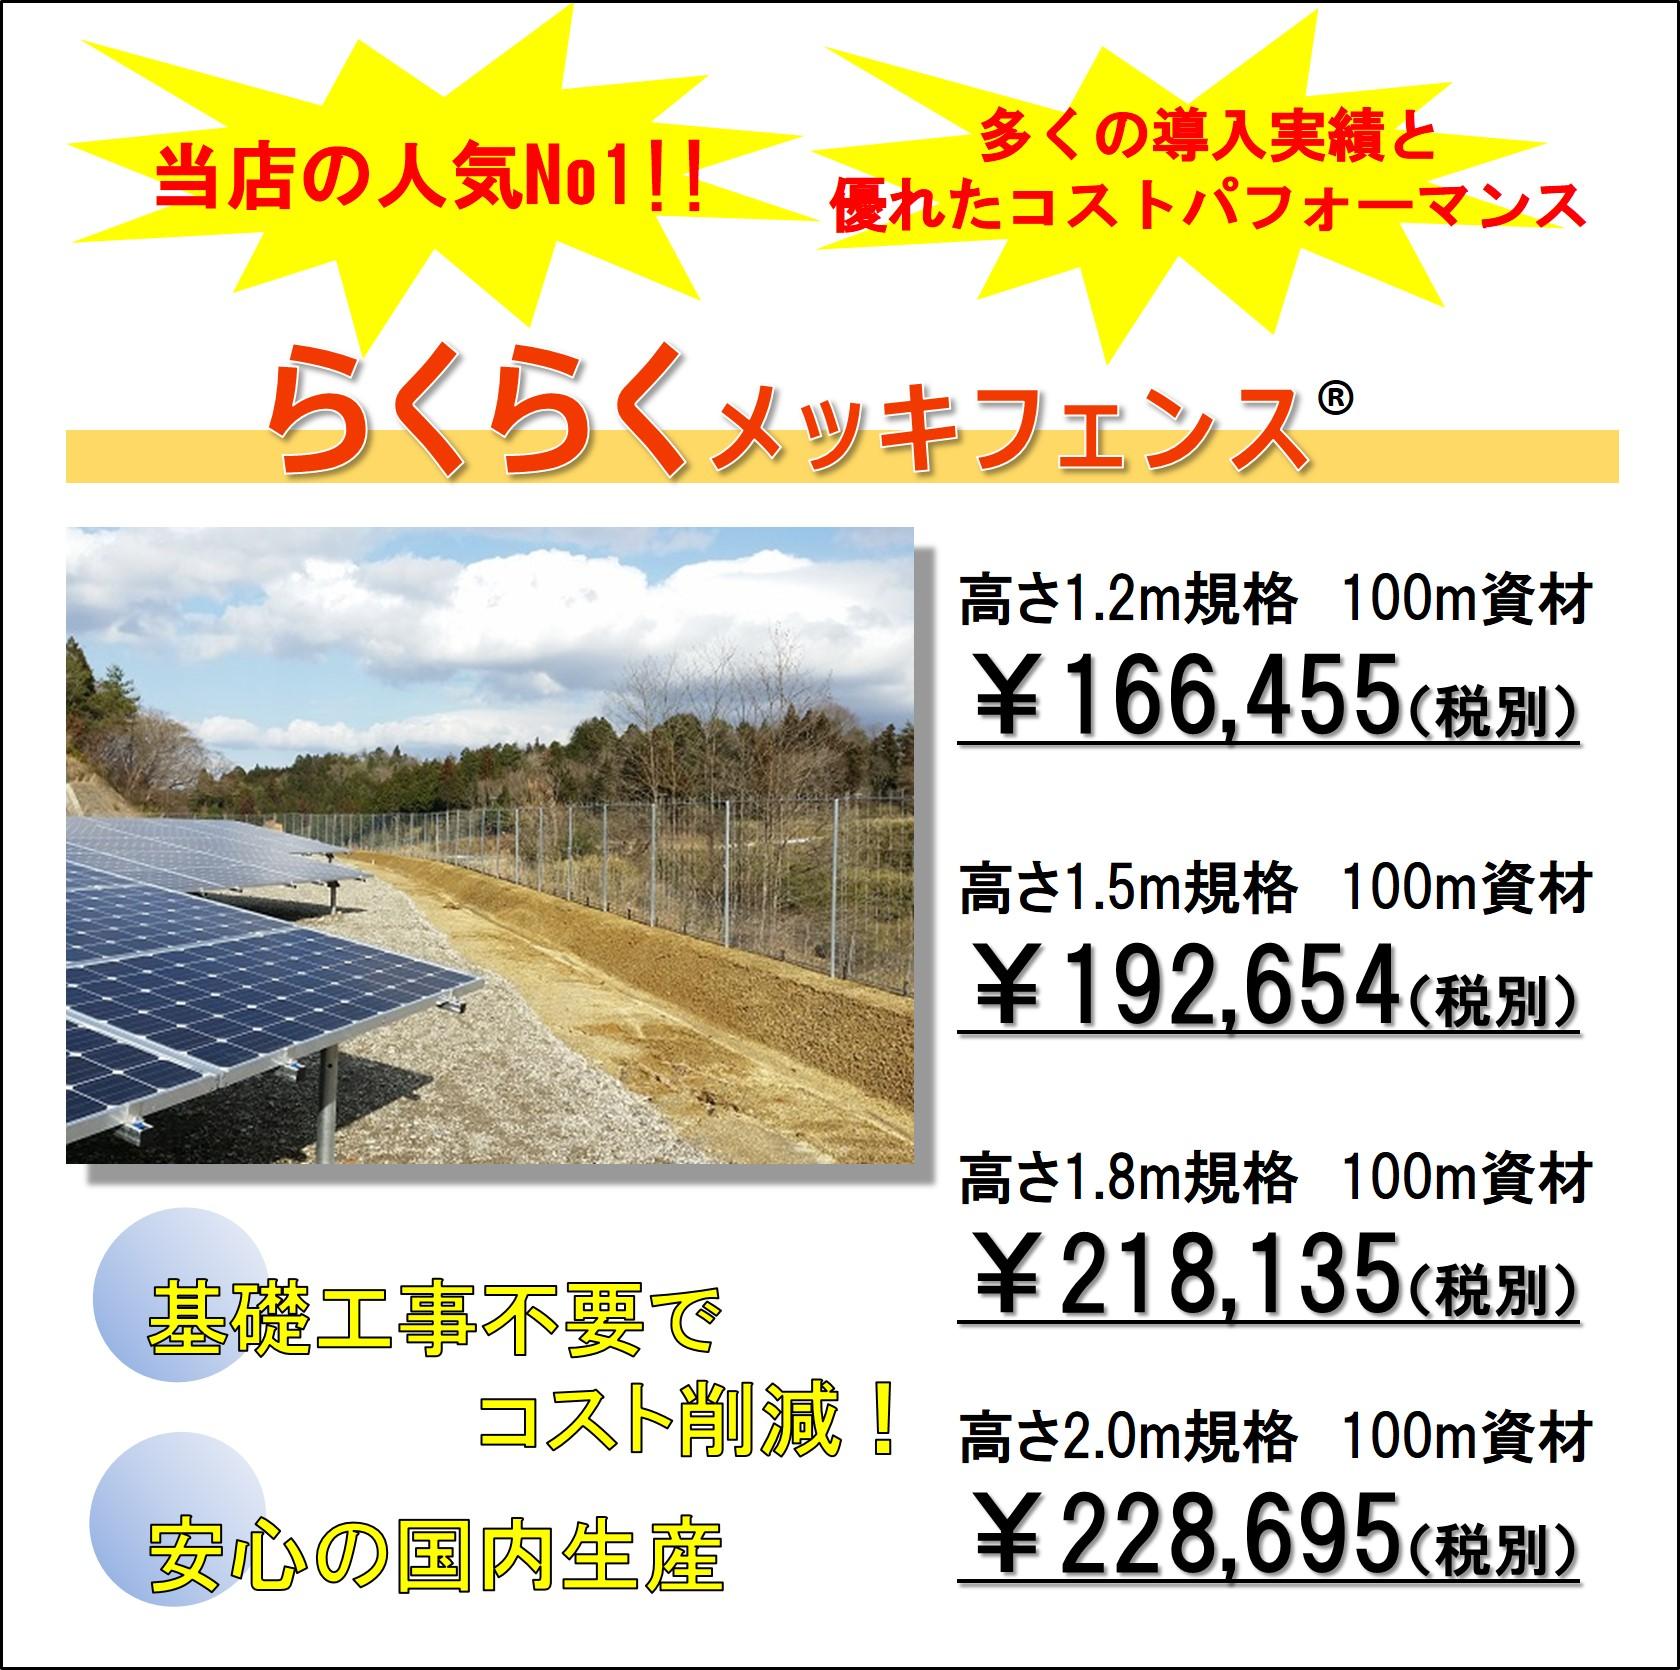 太陽光発電所などの屋外設備防犯フェンス「らくらくメッキフェンス」商品ページ①